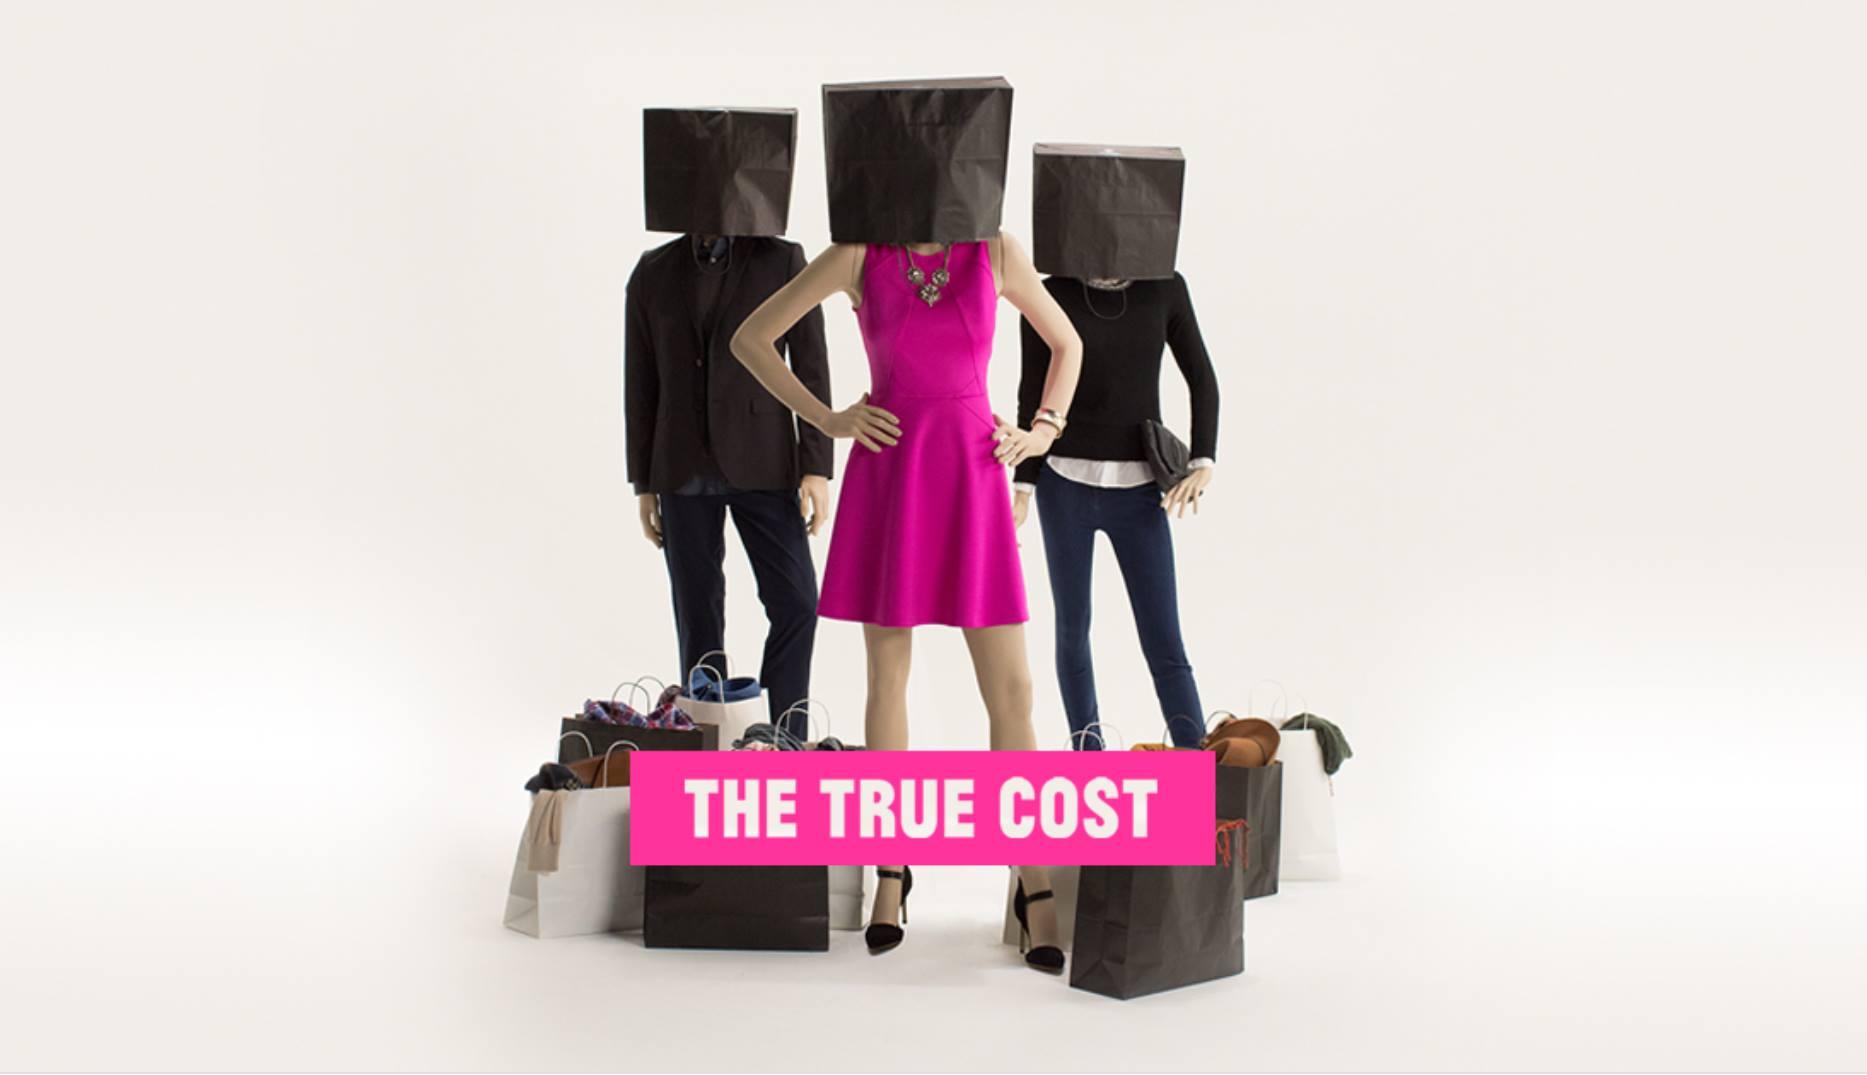 Grüne Filmreihe - The True Cost - Der wahre Preis der Mode